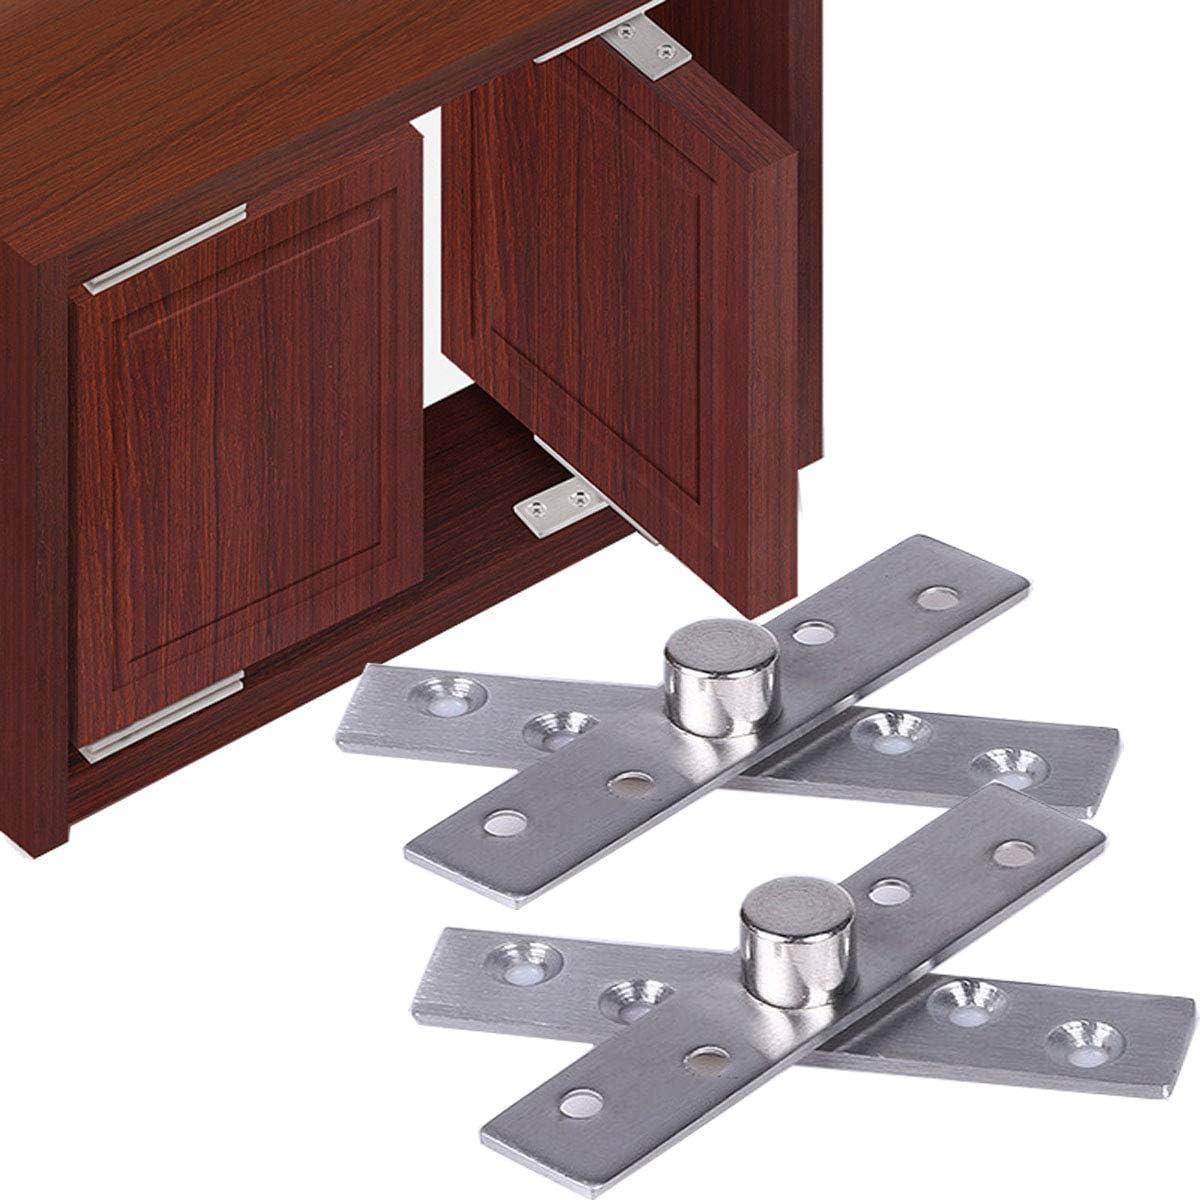 Acero inoxidable superior e inferior puerta de madera con bisagras puerta pivote bisagra 100mm x 25mm360 grados eje giratorio (2 juegos)